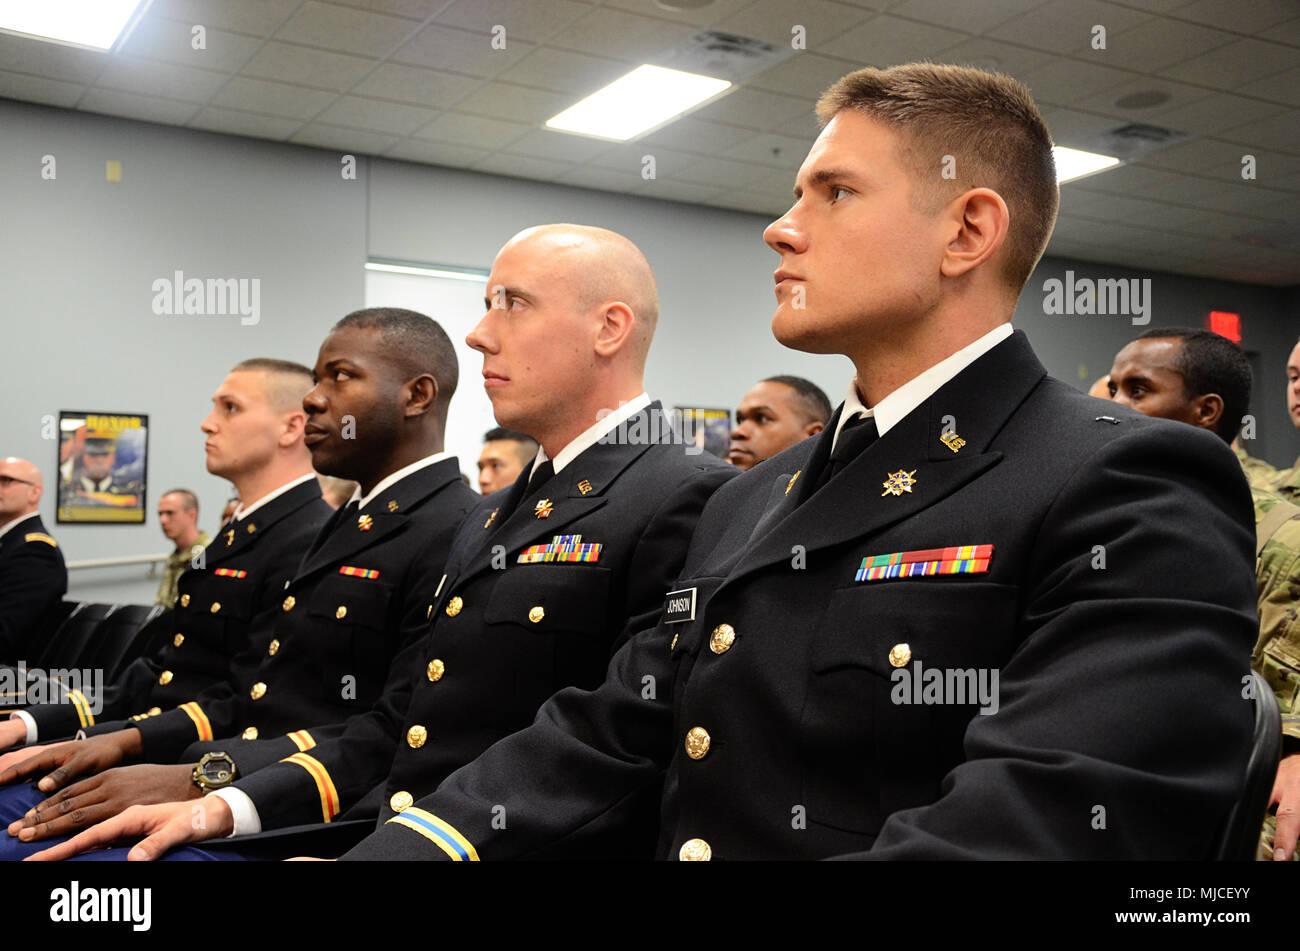 cuatro nuevos oficiales a la espera de su puesta en marcha durante